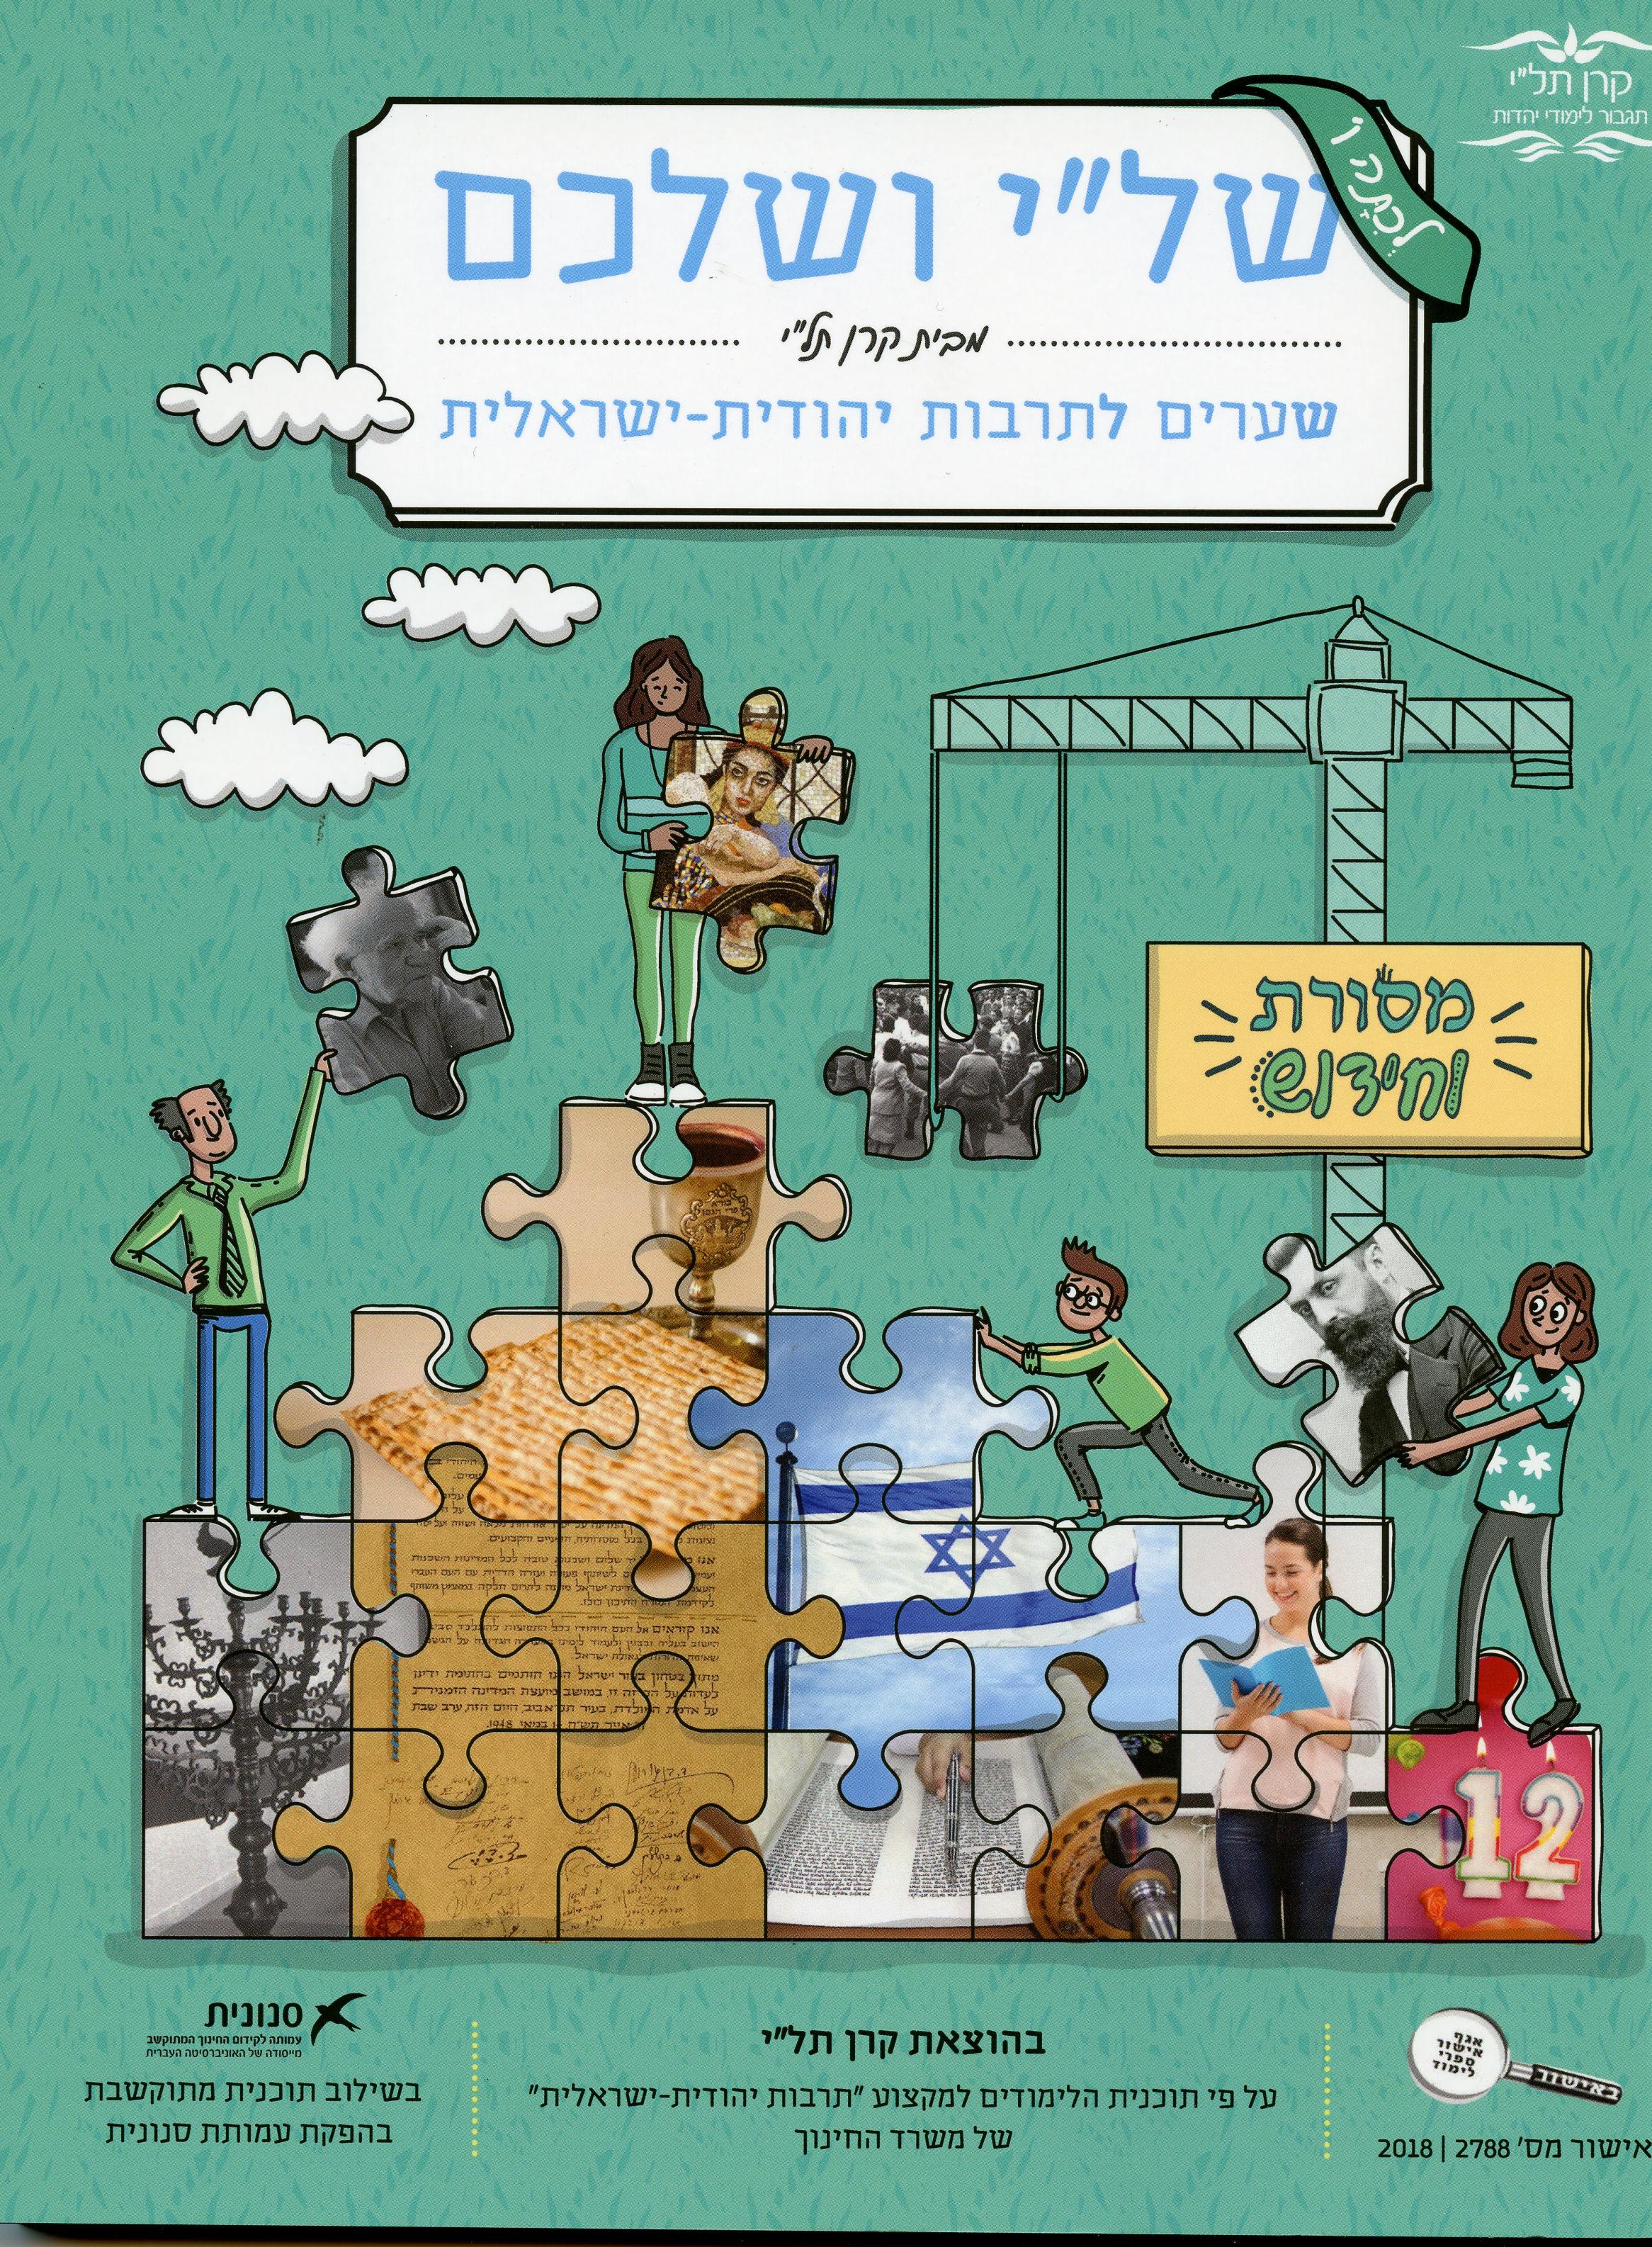 שלי ושלכם שערים לתרבות יהודית-ישראלית כתה ו